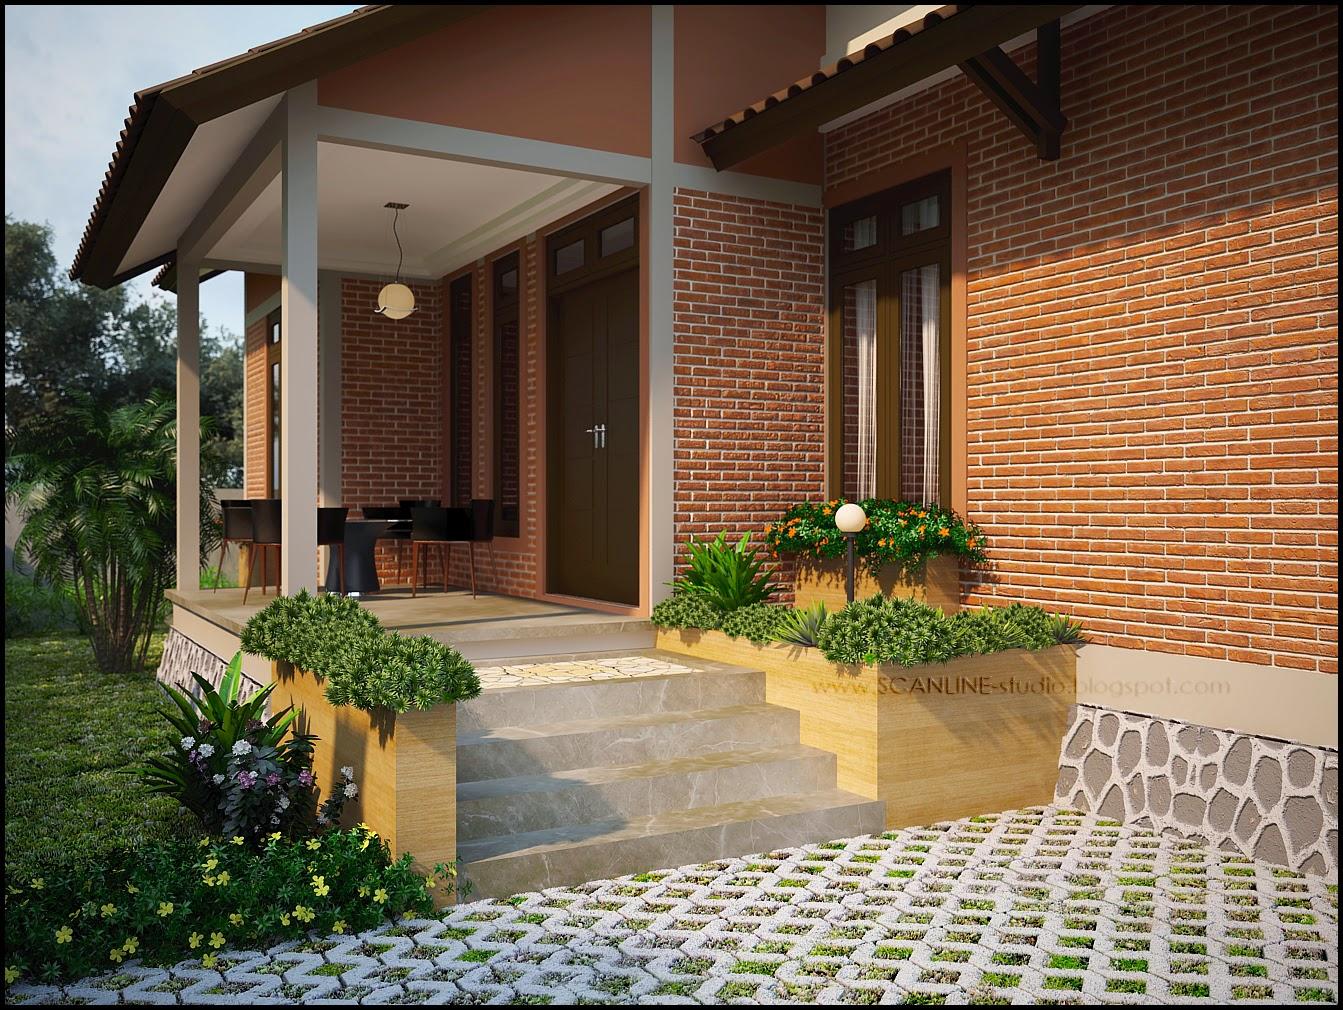 Kumpulan Desain Rumah Minimalis Batu Bata Merah Kumpulan Desain Rumah